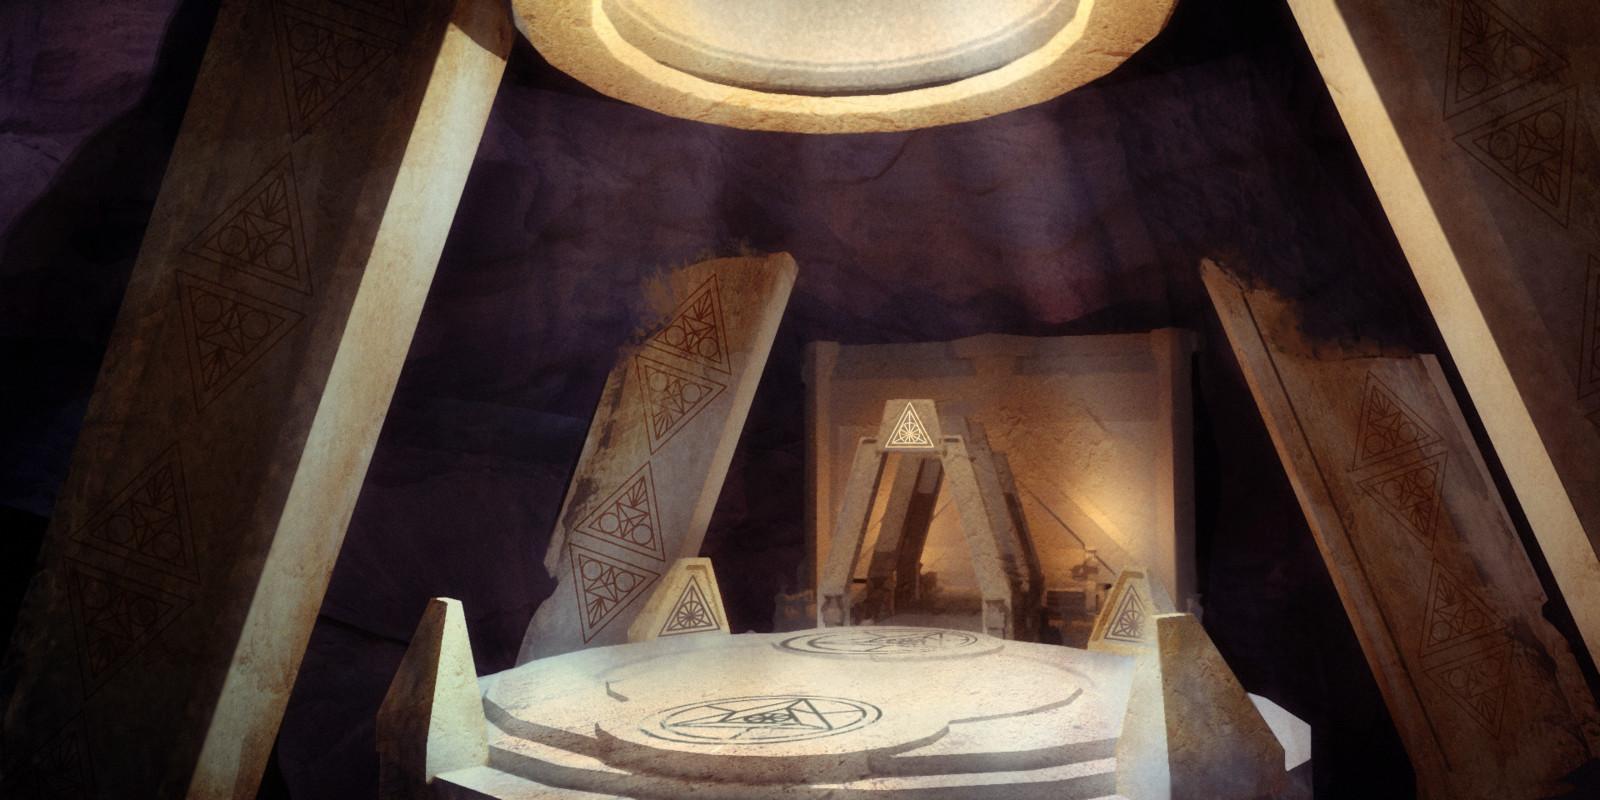 Sun Temple interior concept 2